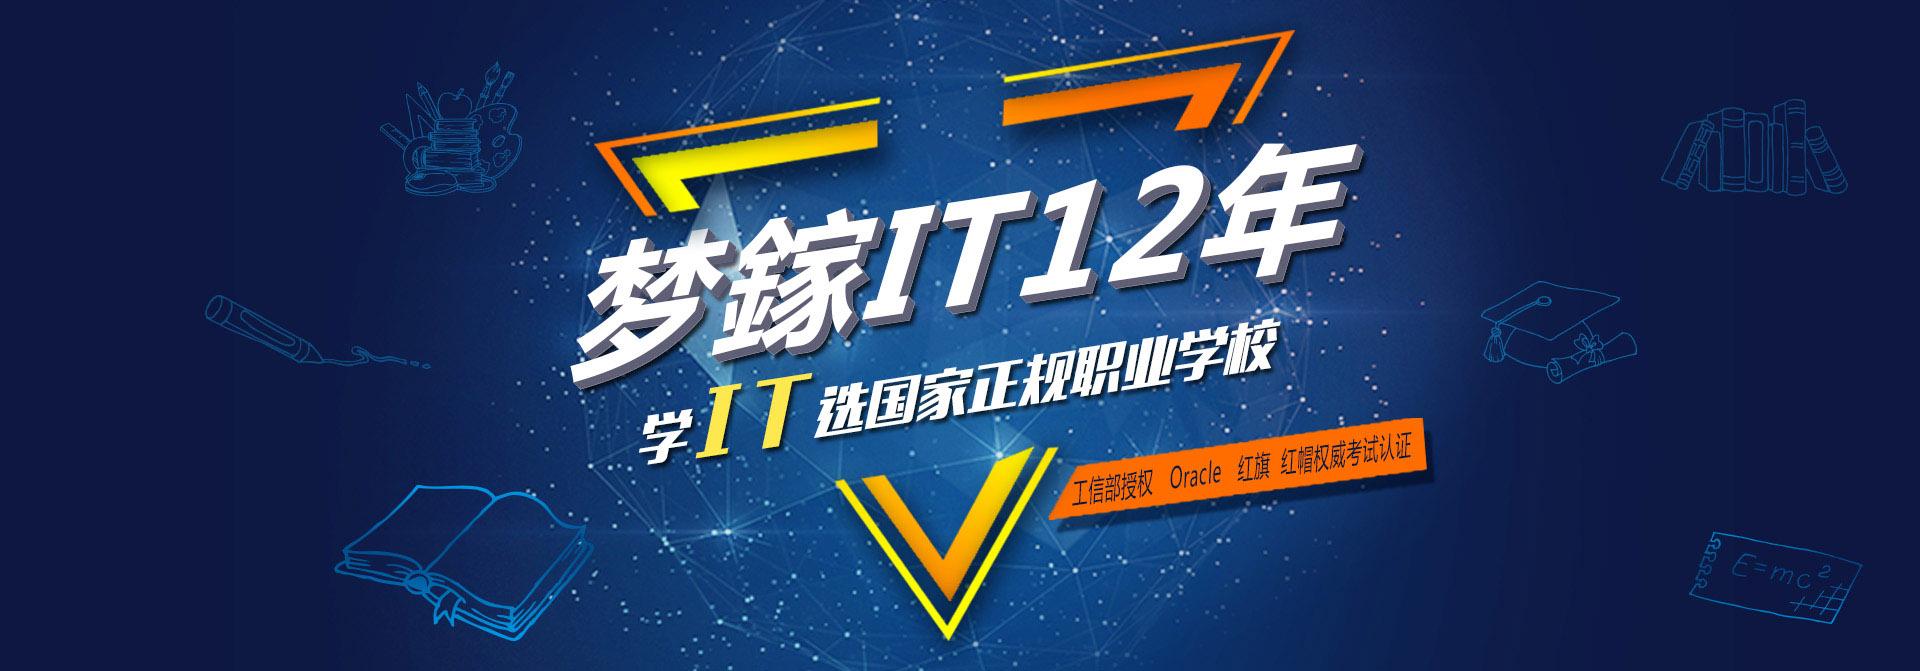 深圳软件开发培训